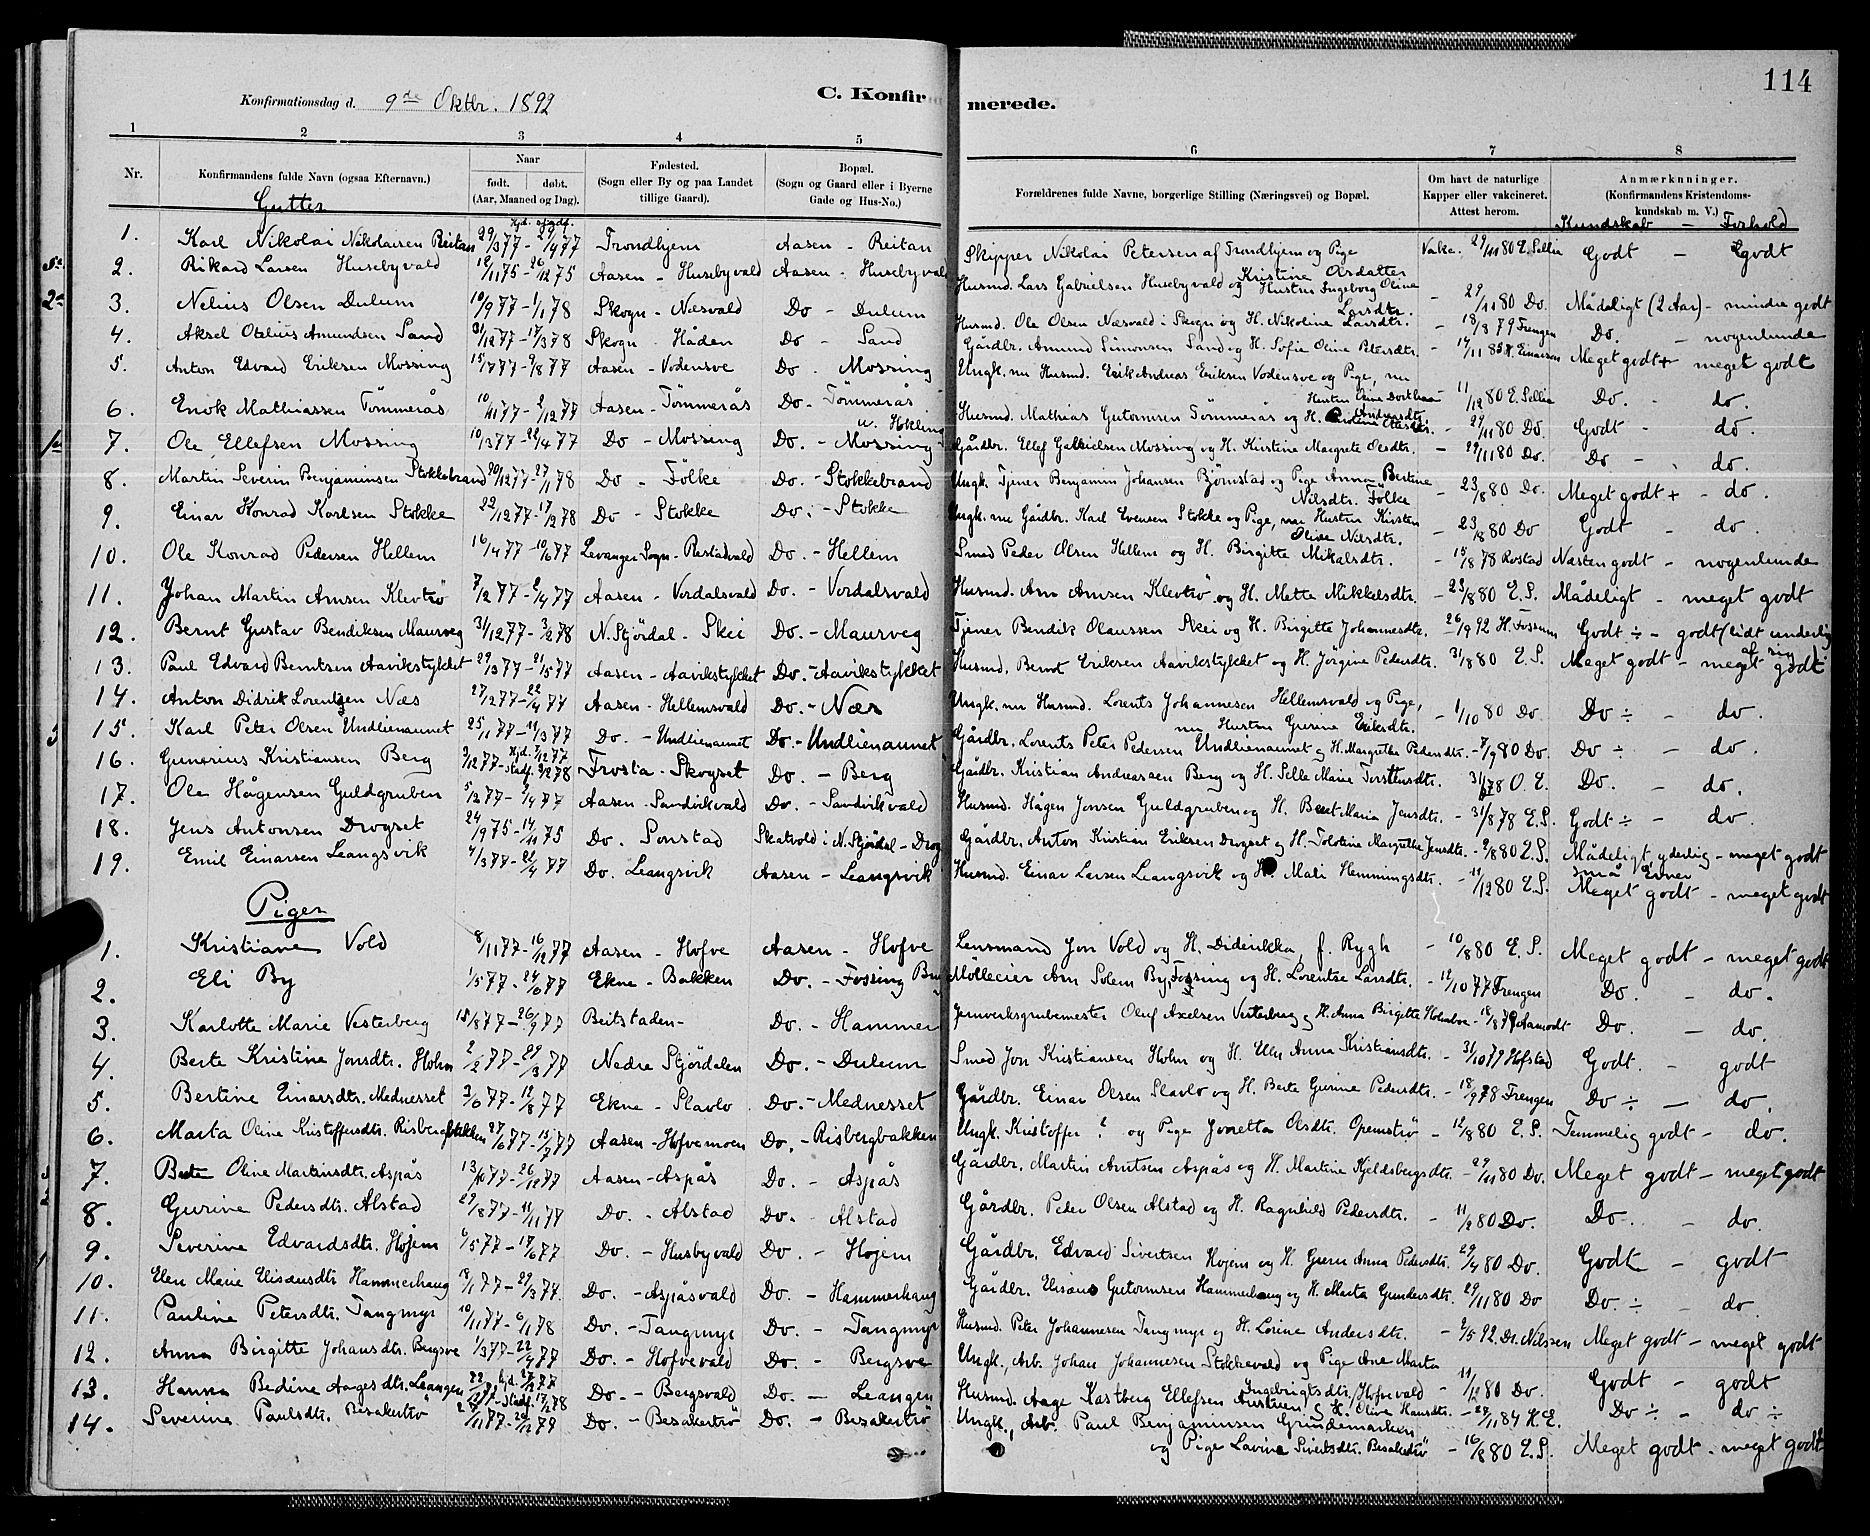 SAT, Ministerialprotokoller, klokkerbøker og fødselsregistre - Nord-Trøndelag, 714/L0134: Klokkerbok nr. 714C03, 1878-1898, s. 114